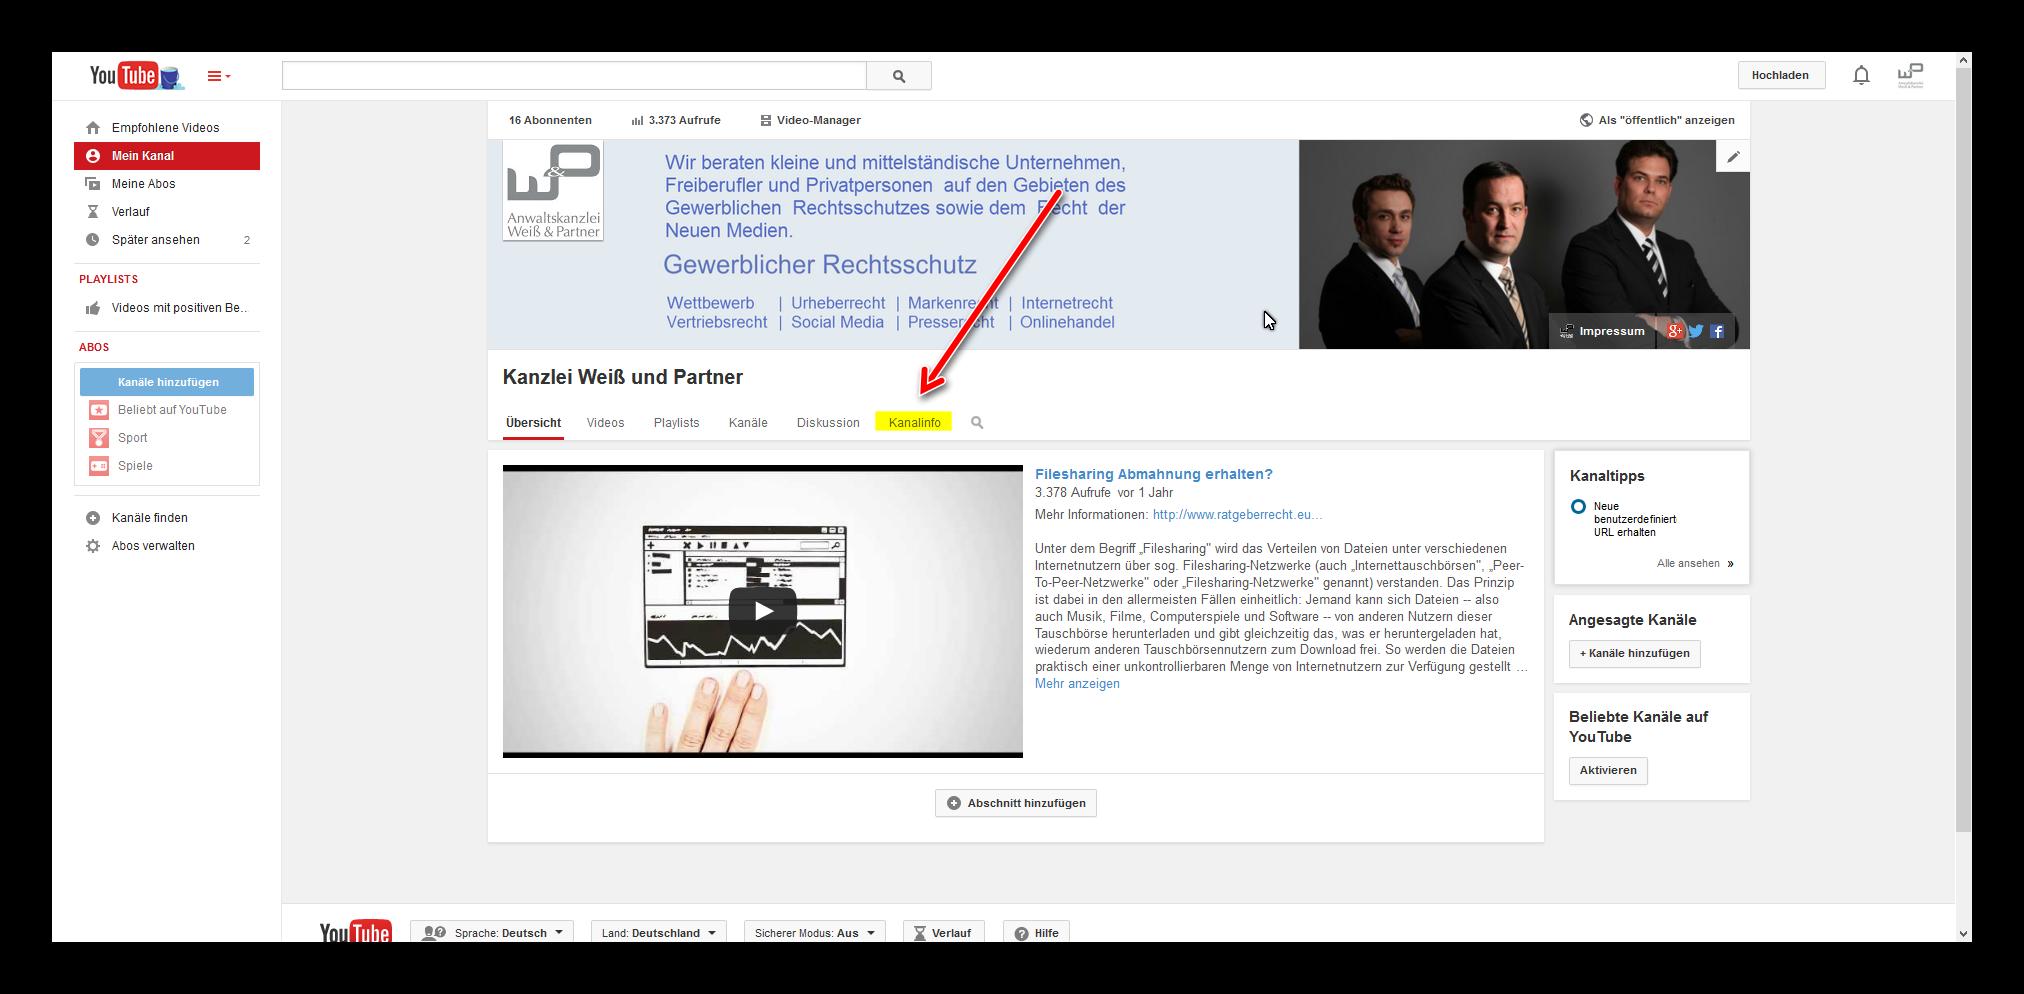 Charmant Youtube Vorlagenhersteller Bilder - Entry Level Resume ...